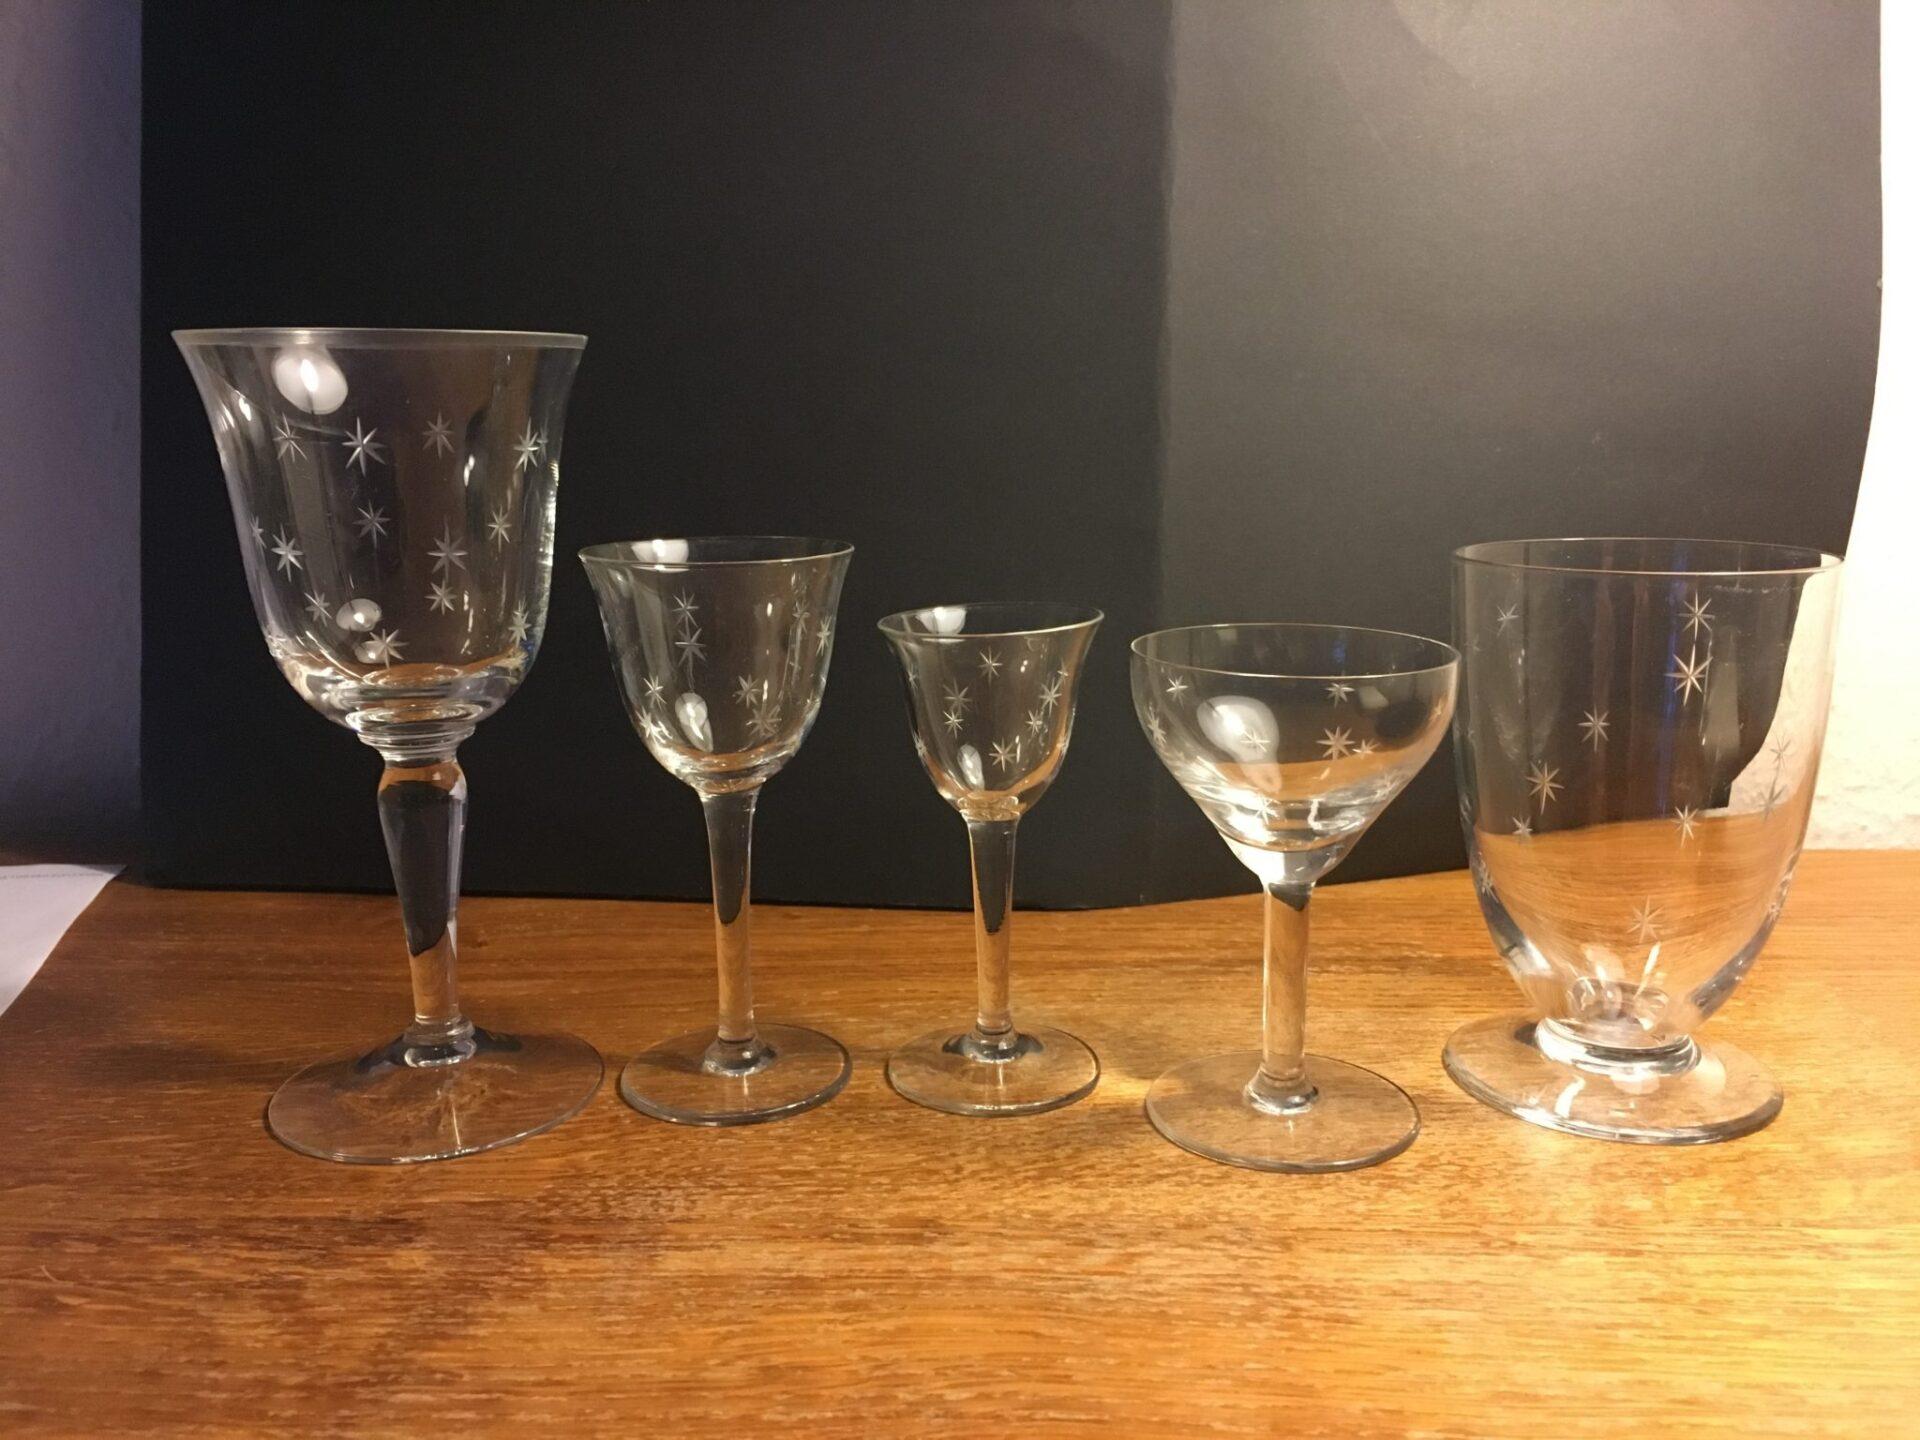 Lyngby Glasværk